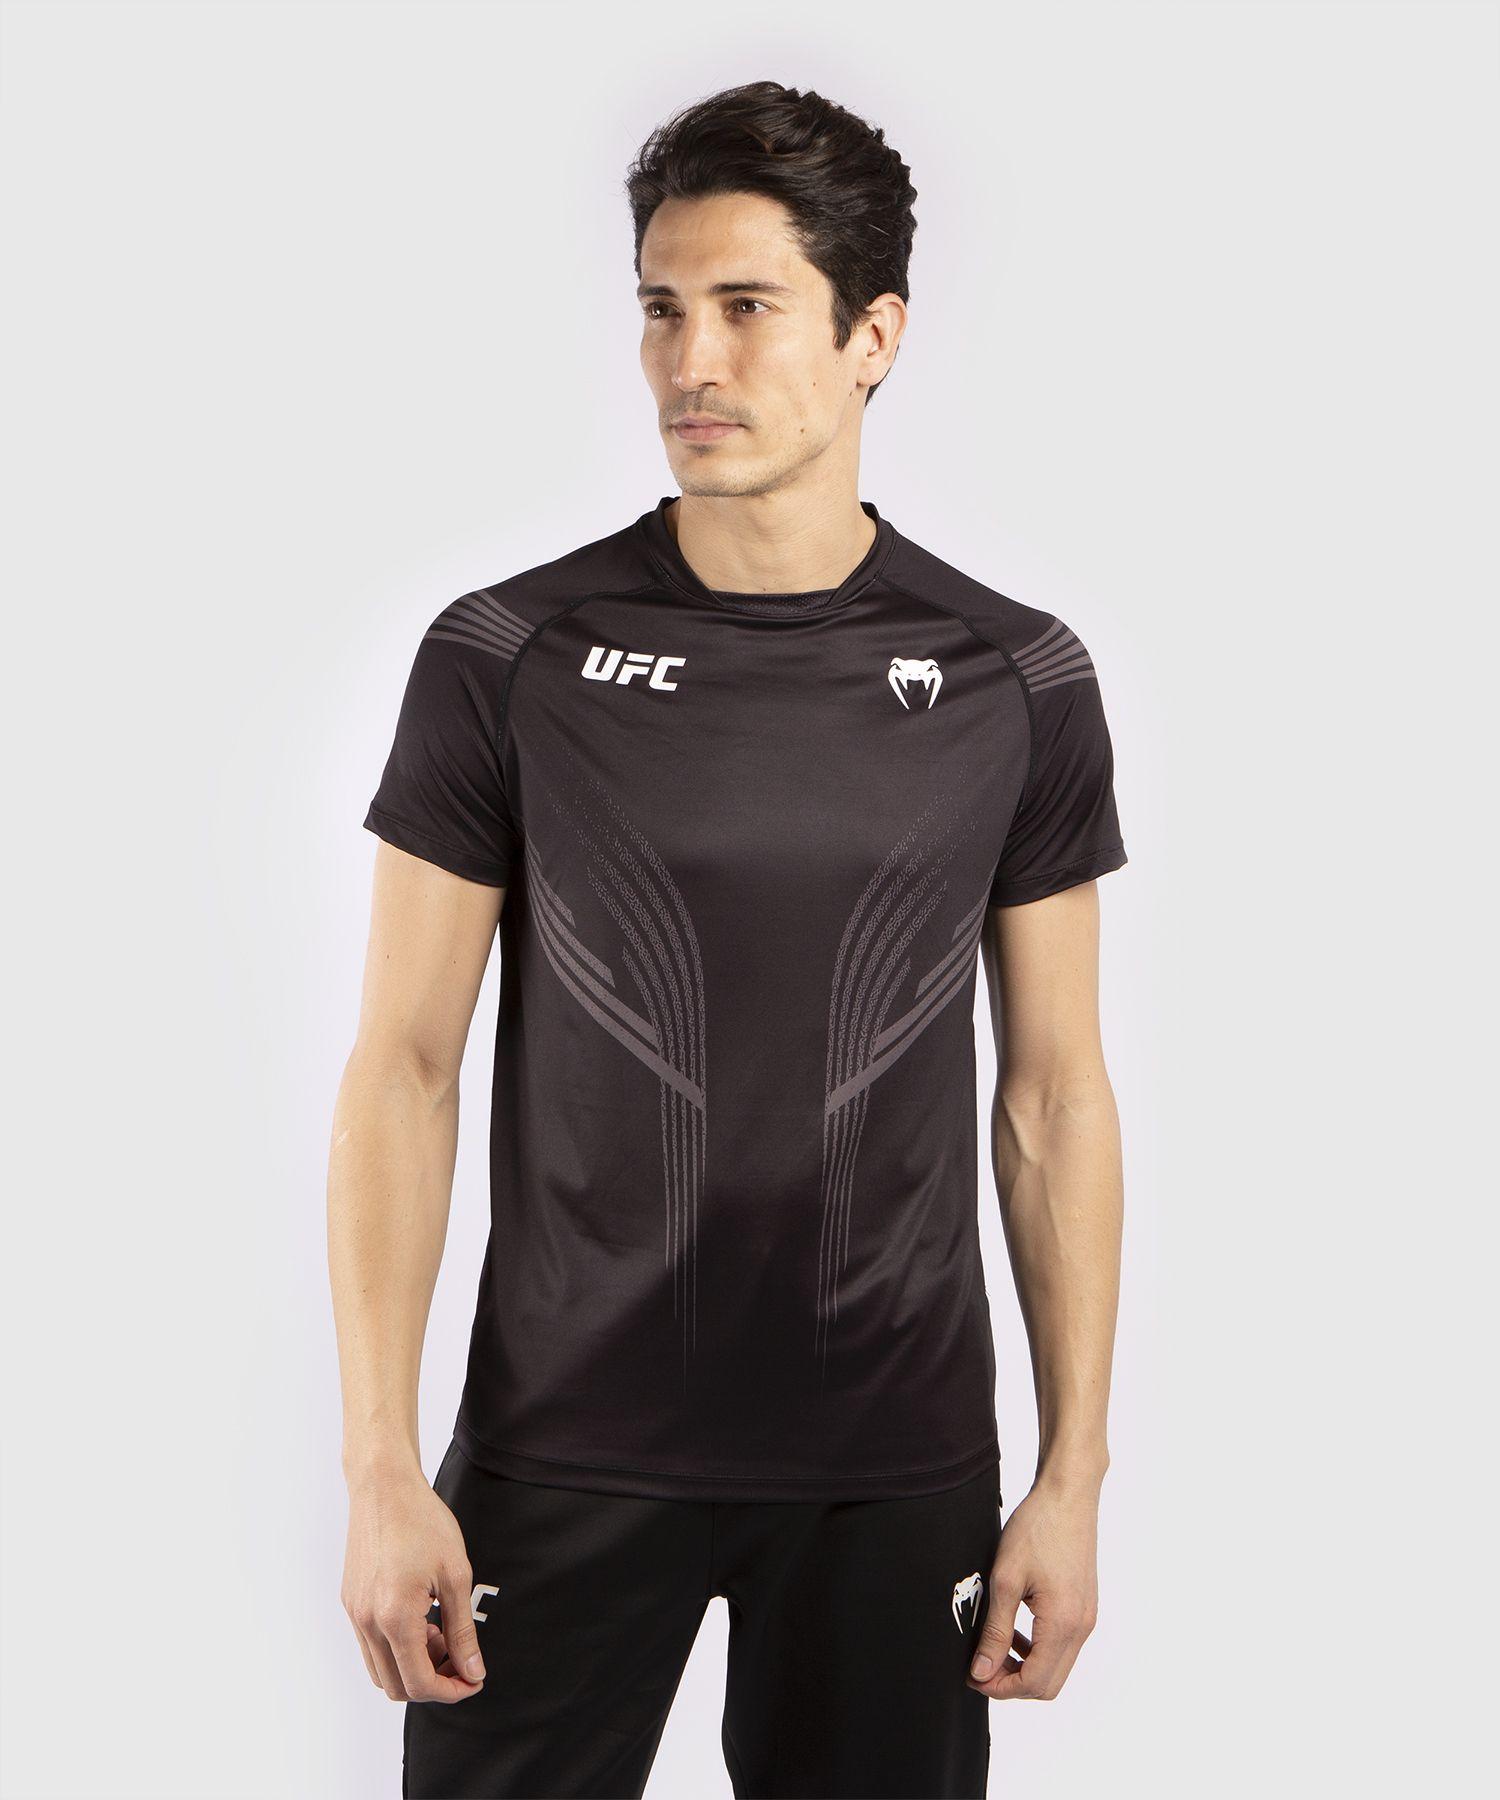 T-shirt Technique Homme UFC Venum Pro Line - Noir